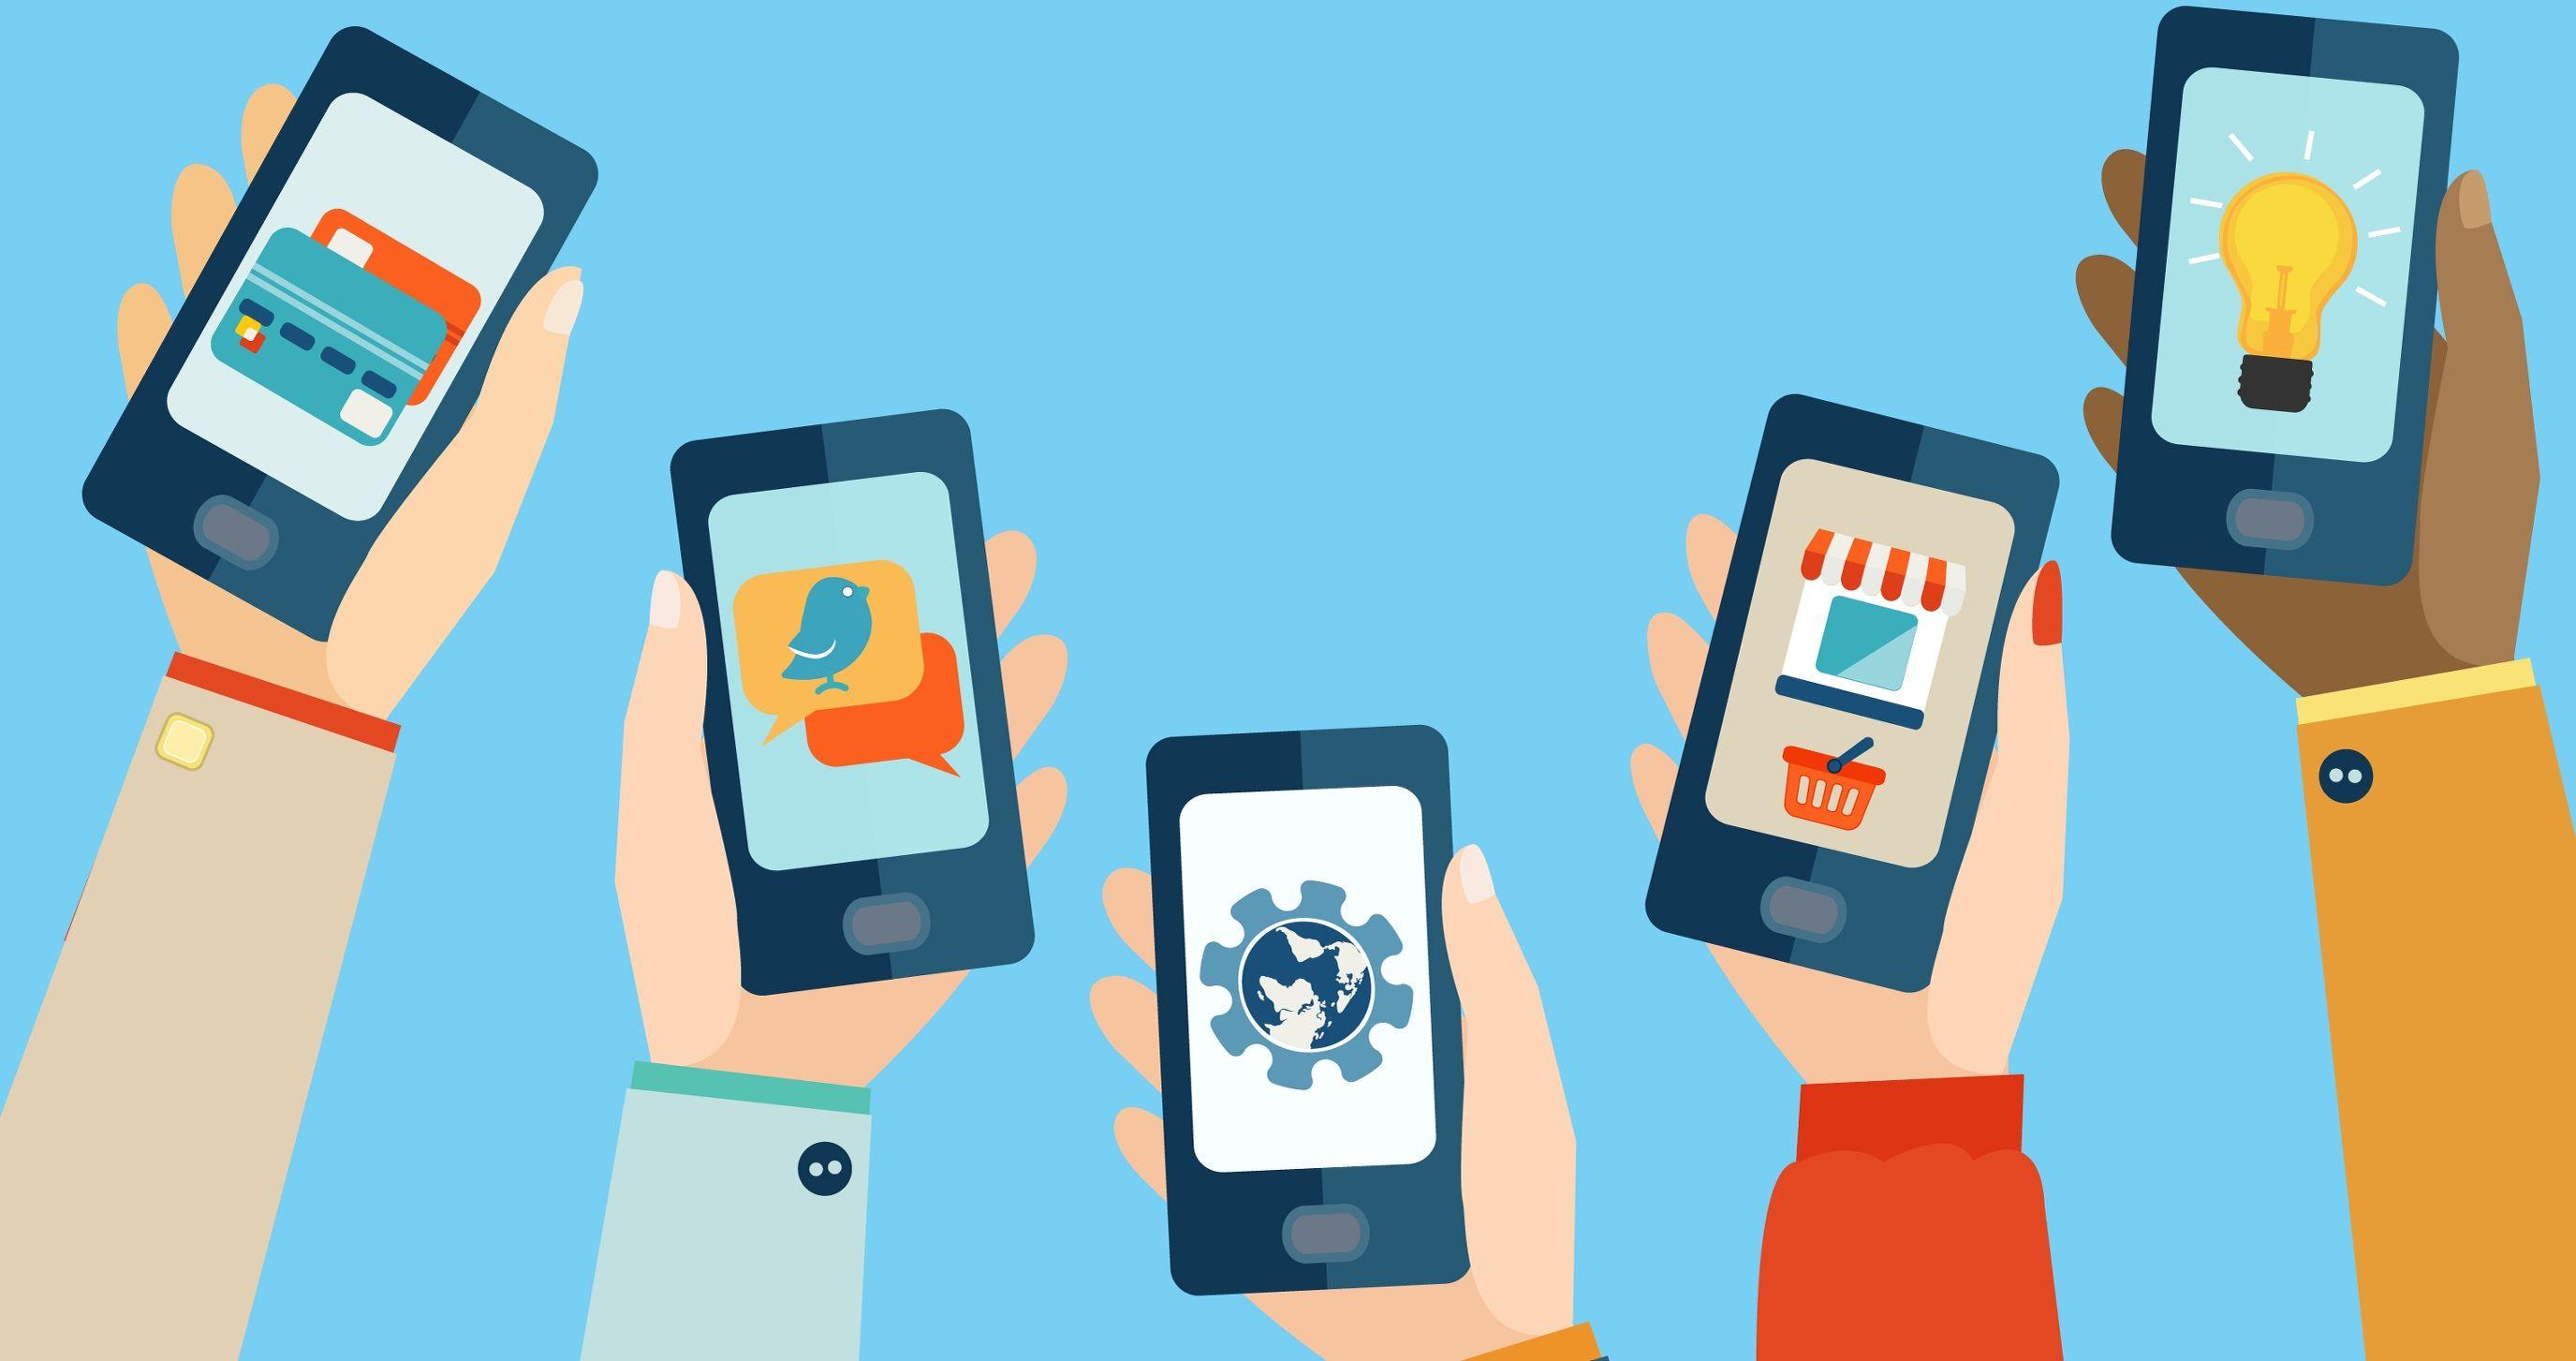 制作app软件要多少钱?app软件亚博官网首页的费用